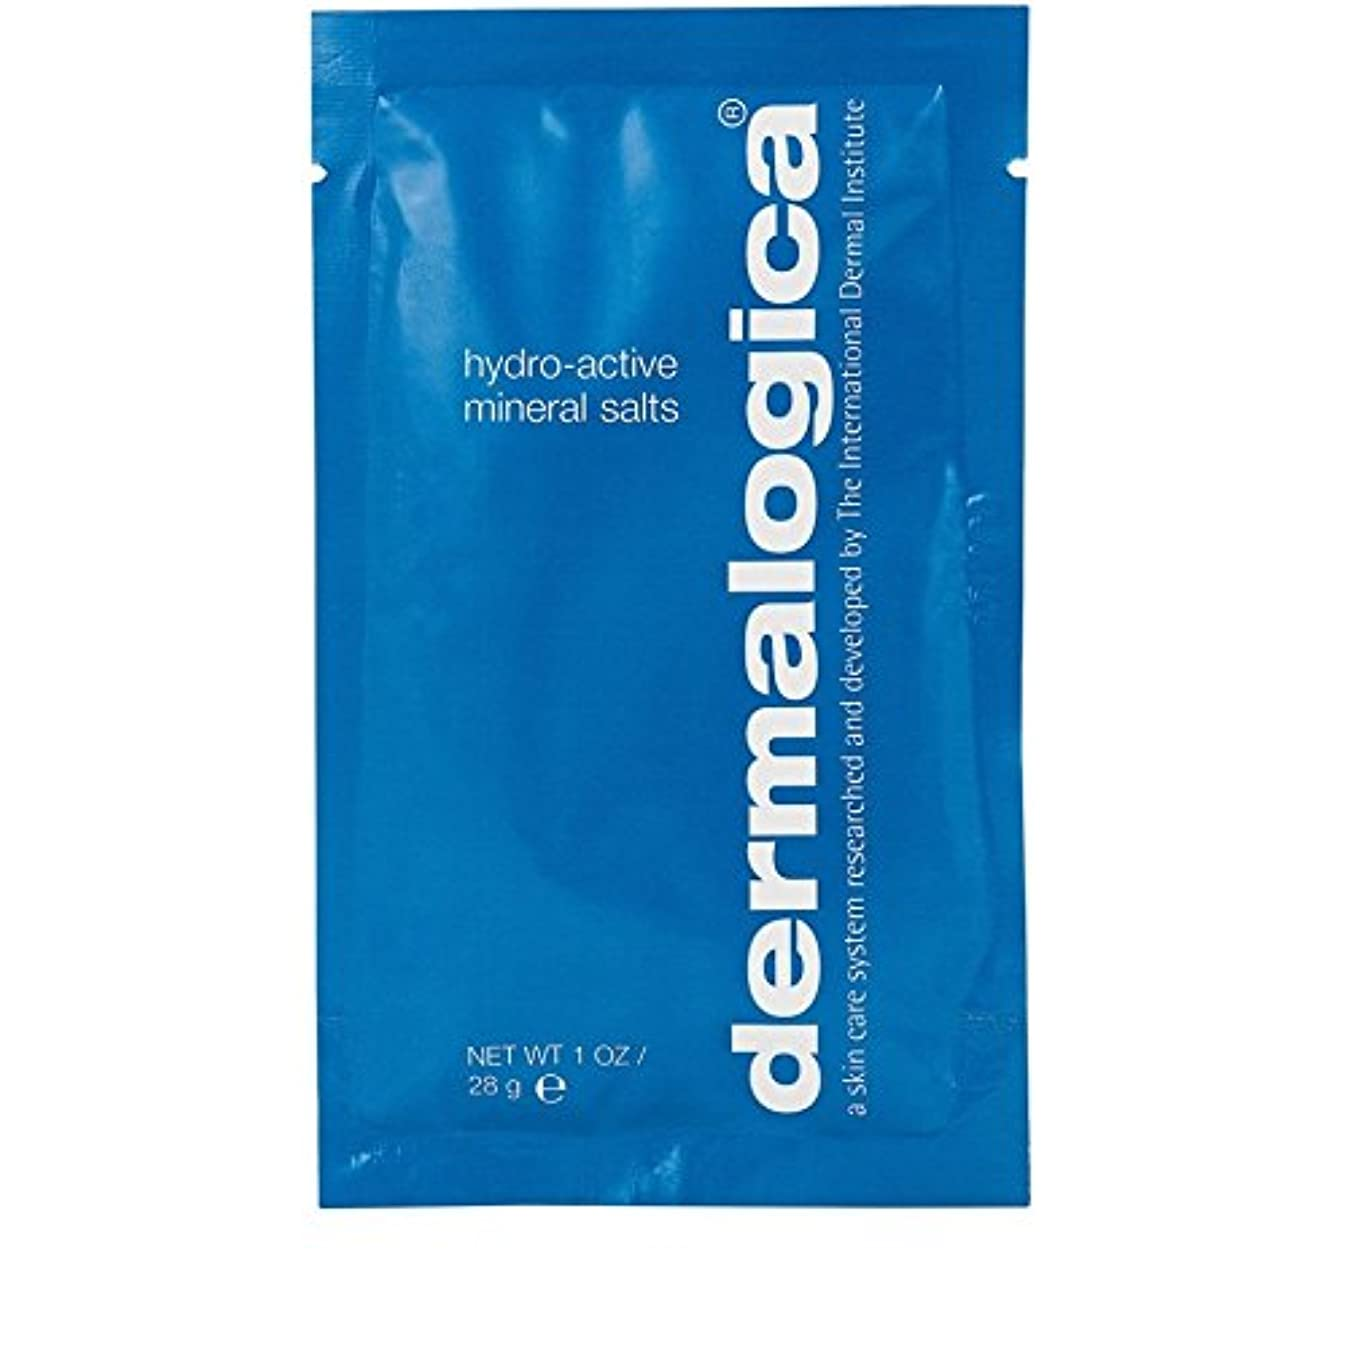 アサート取り除くハシーダーマロジカ水力アクティブミネラル塩28グラム x4 - Dermalogica Hydro Active Mineral Salt 28g (Pack of 4) [並行輸入品]